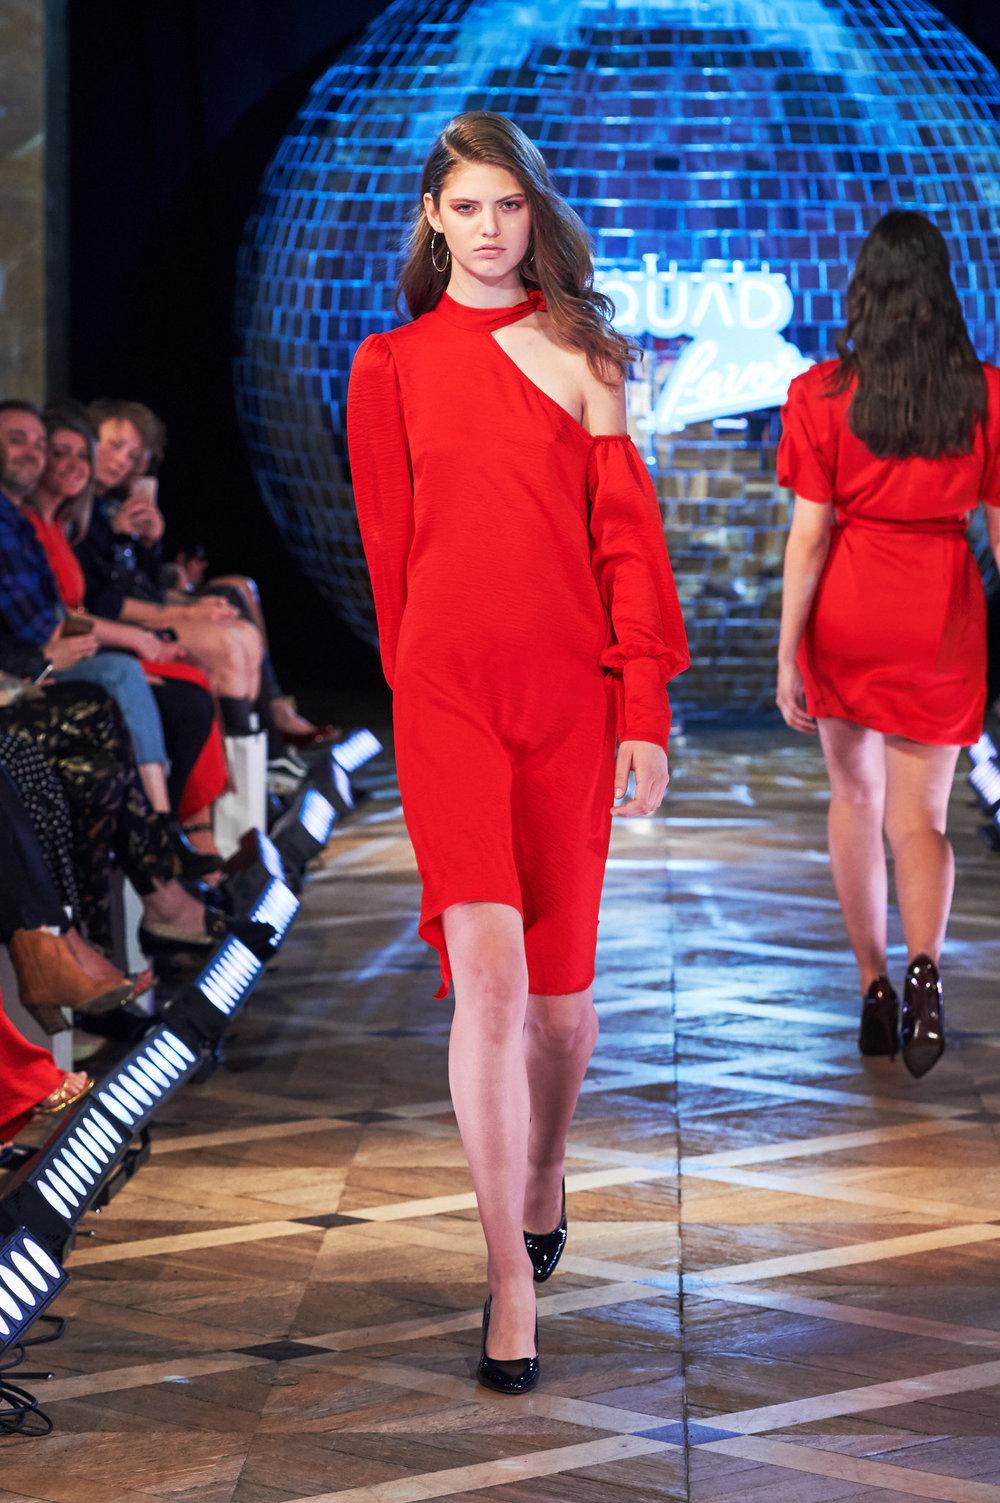 27_ZAQUAD_090519_lowres-fotFilipOkopny-FashionImages.jpg